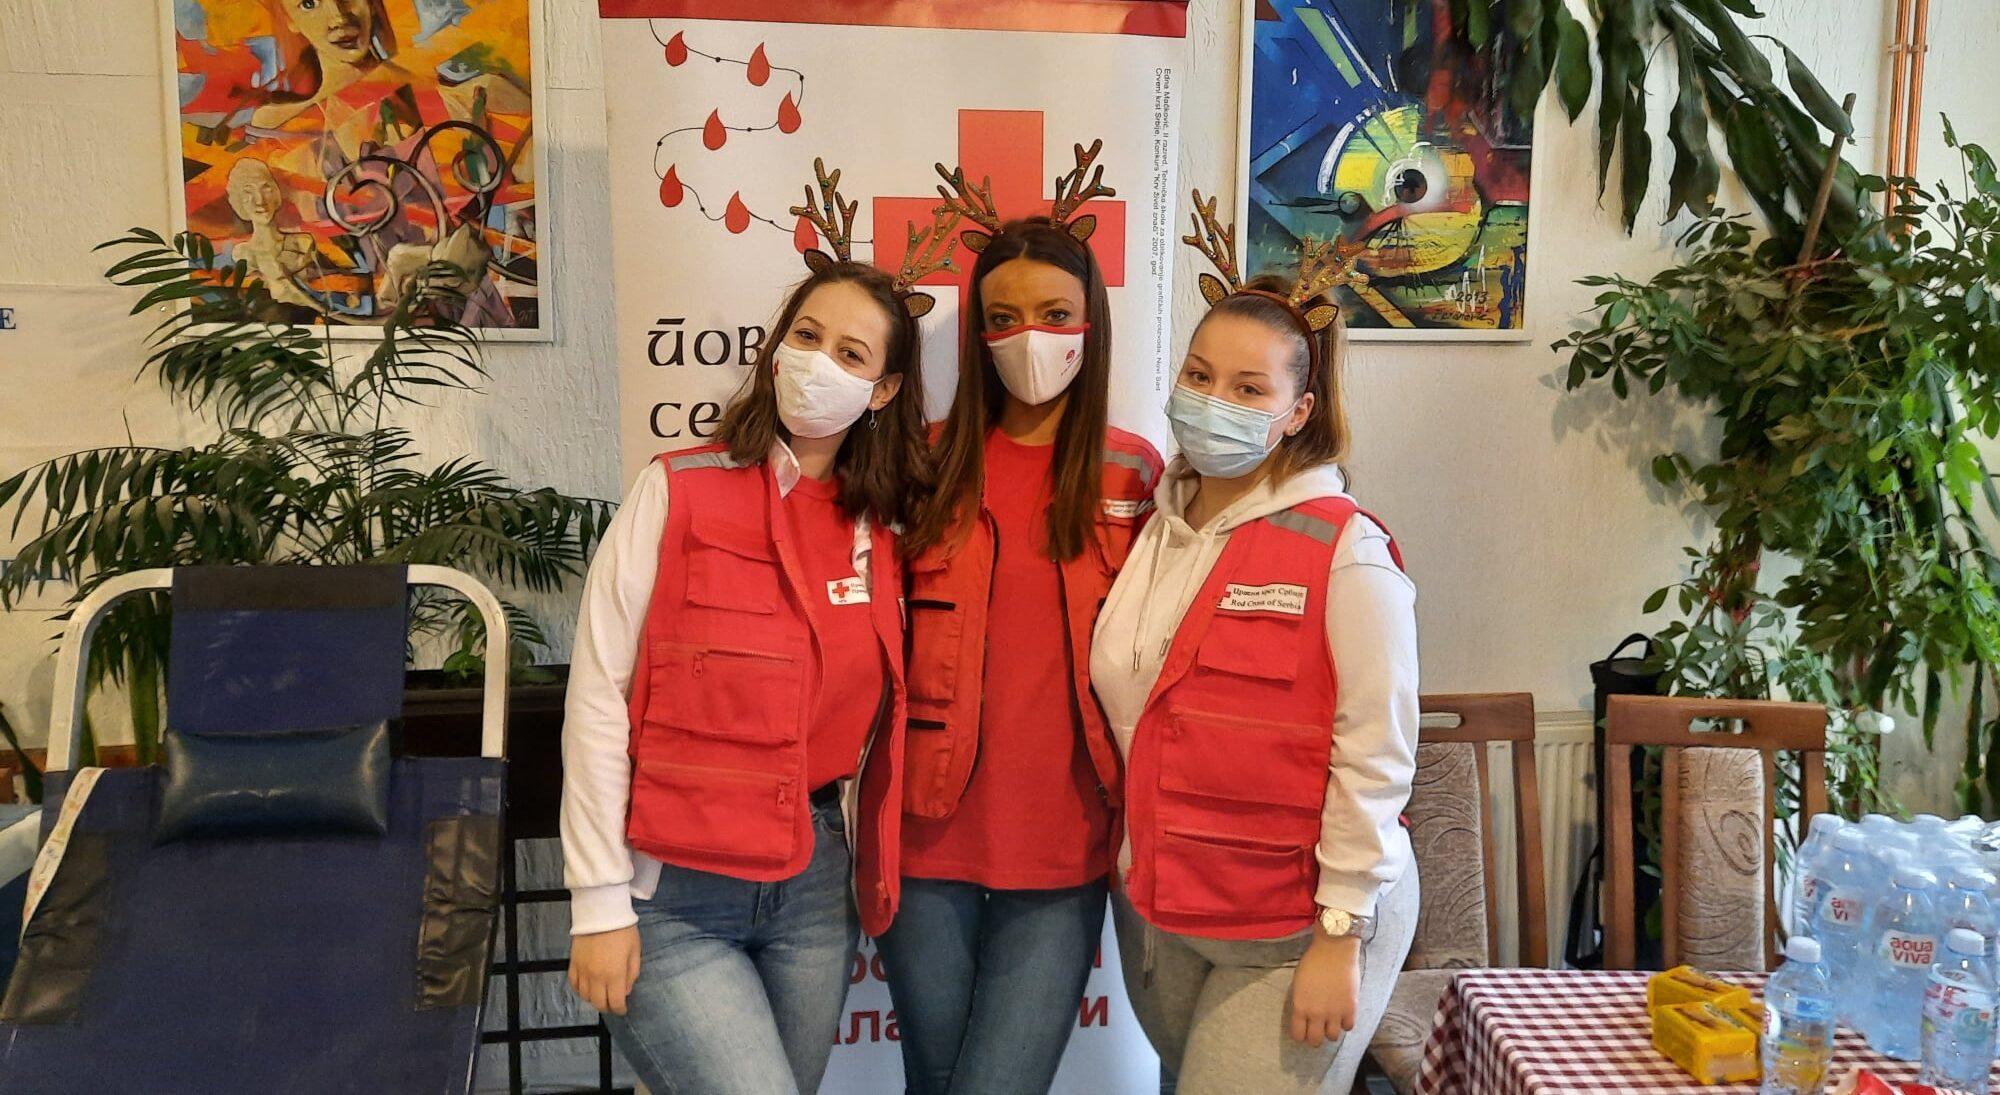 Poslednja akcija dobrovoljnog davanja krvi u 2020.godini 47095